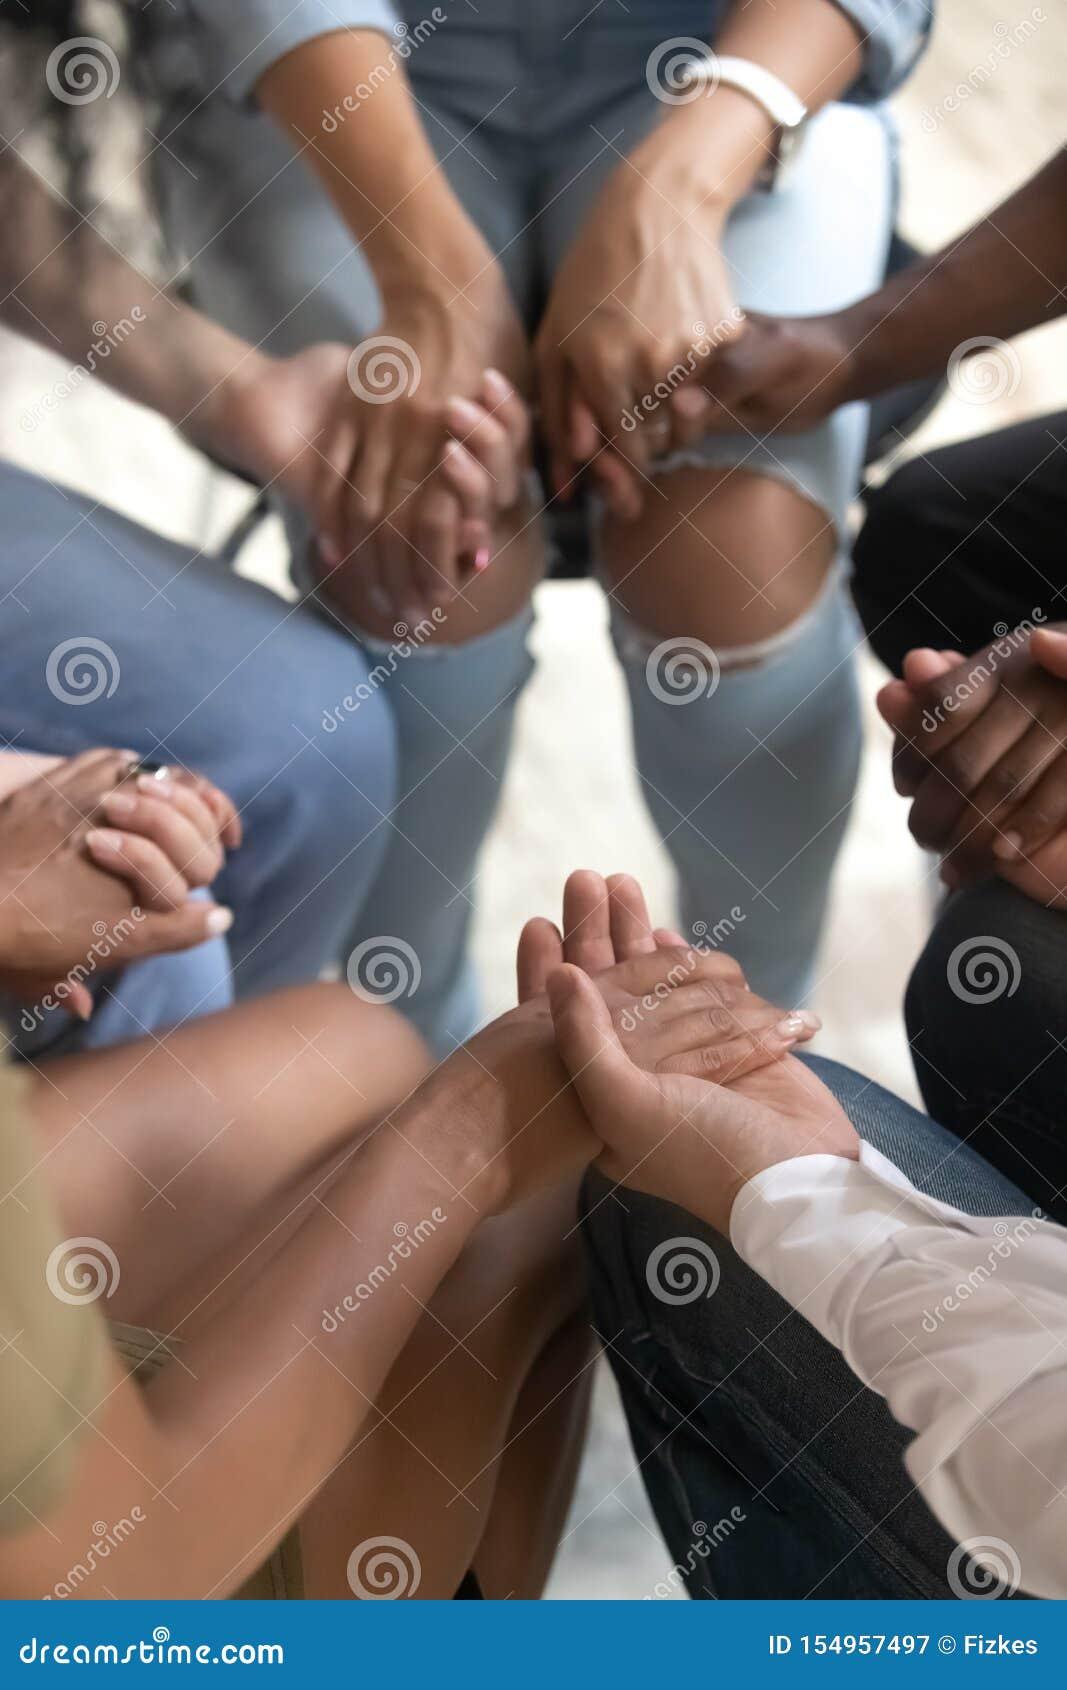 Povos da opinião do close up que sentam-se unidas mantendo as mãos durante a sessão de terapia